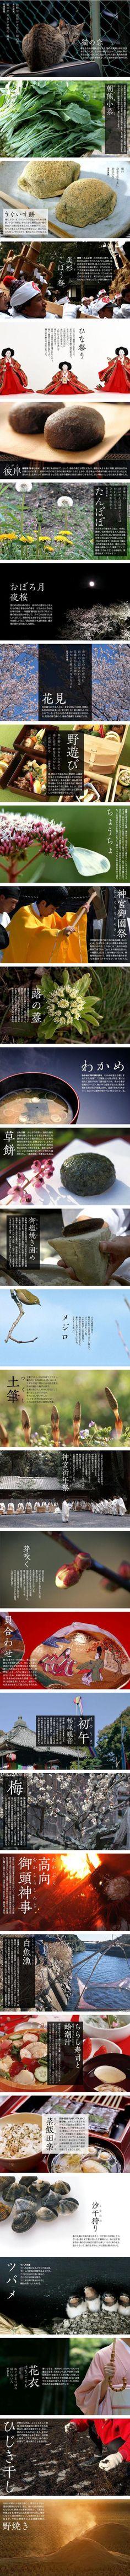 日本农历的一年 (组图)